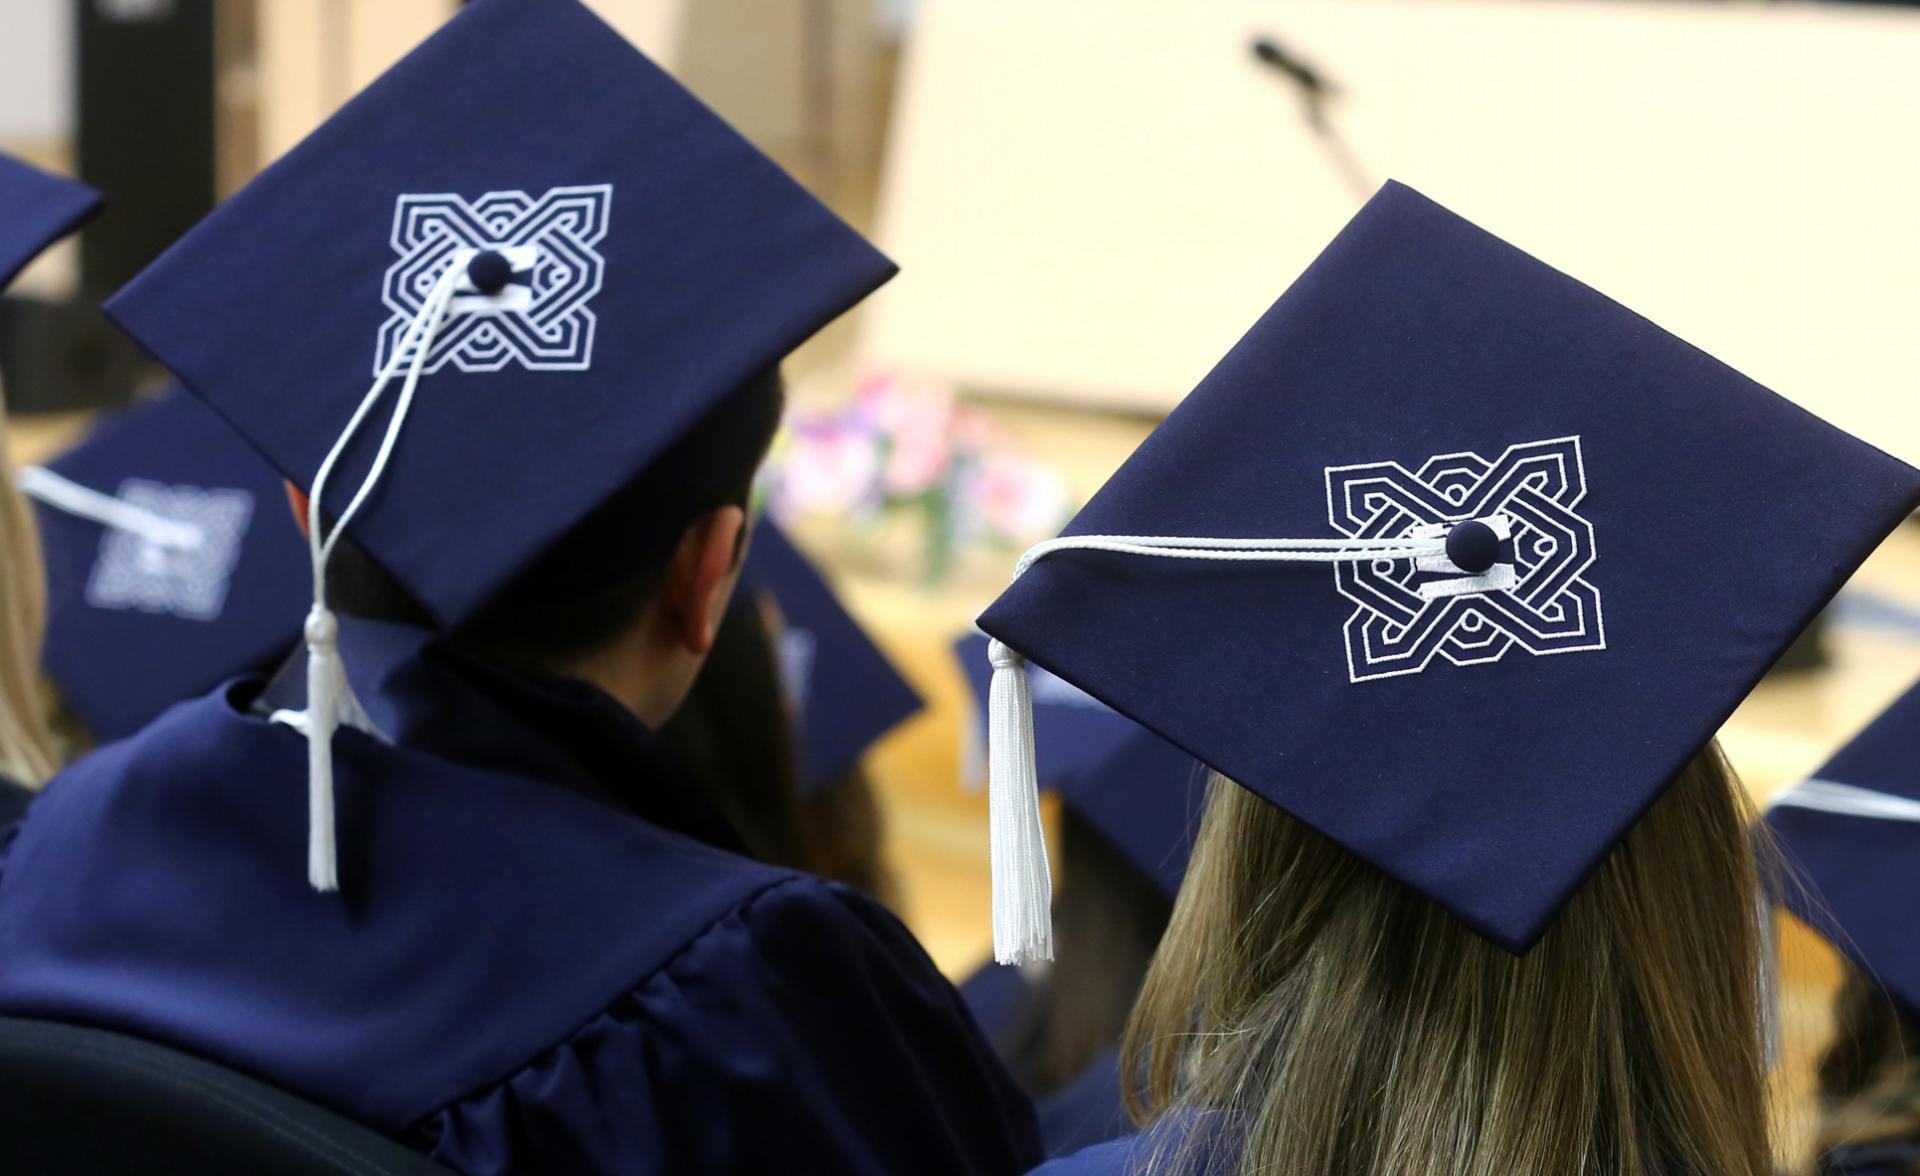 Splitsko sveučilište izvrstan je plasman ostvarilo osobito u kategorijama međunarodne suradnje